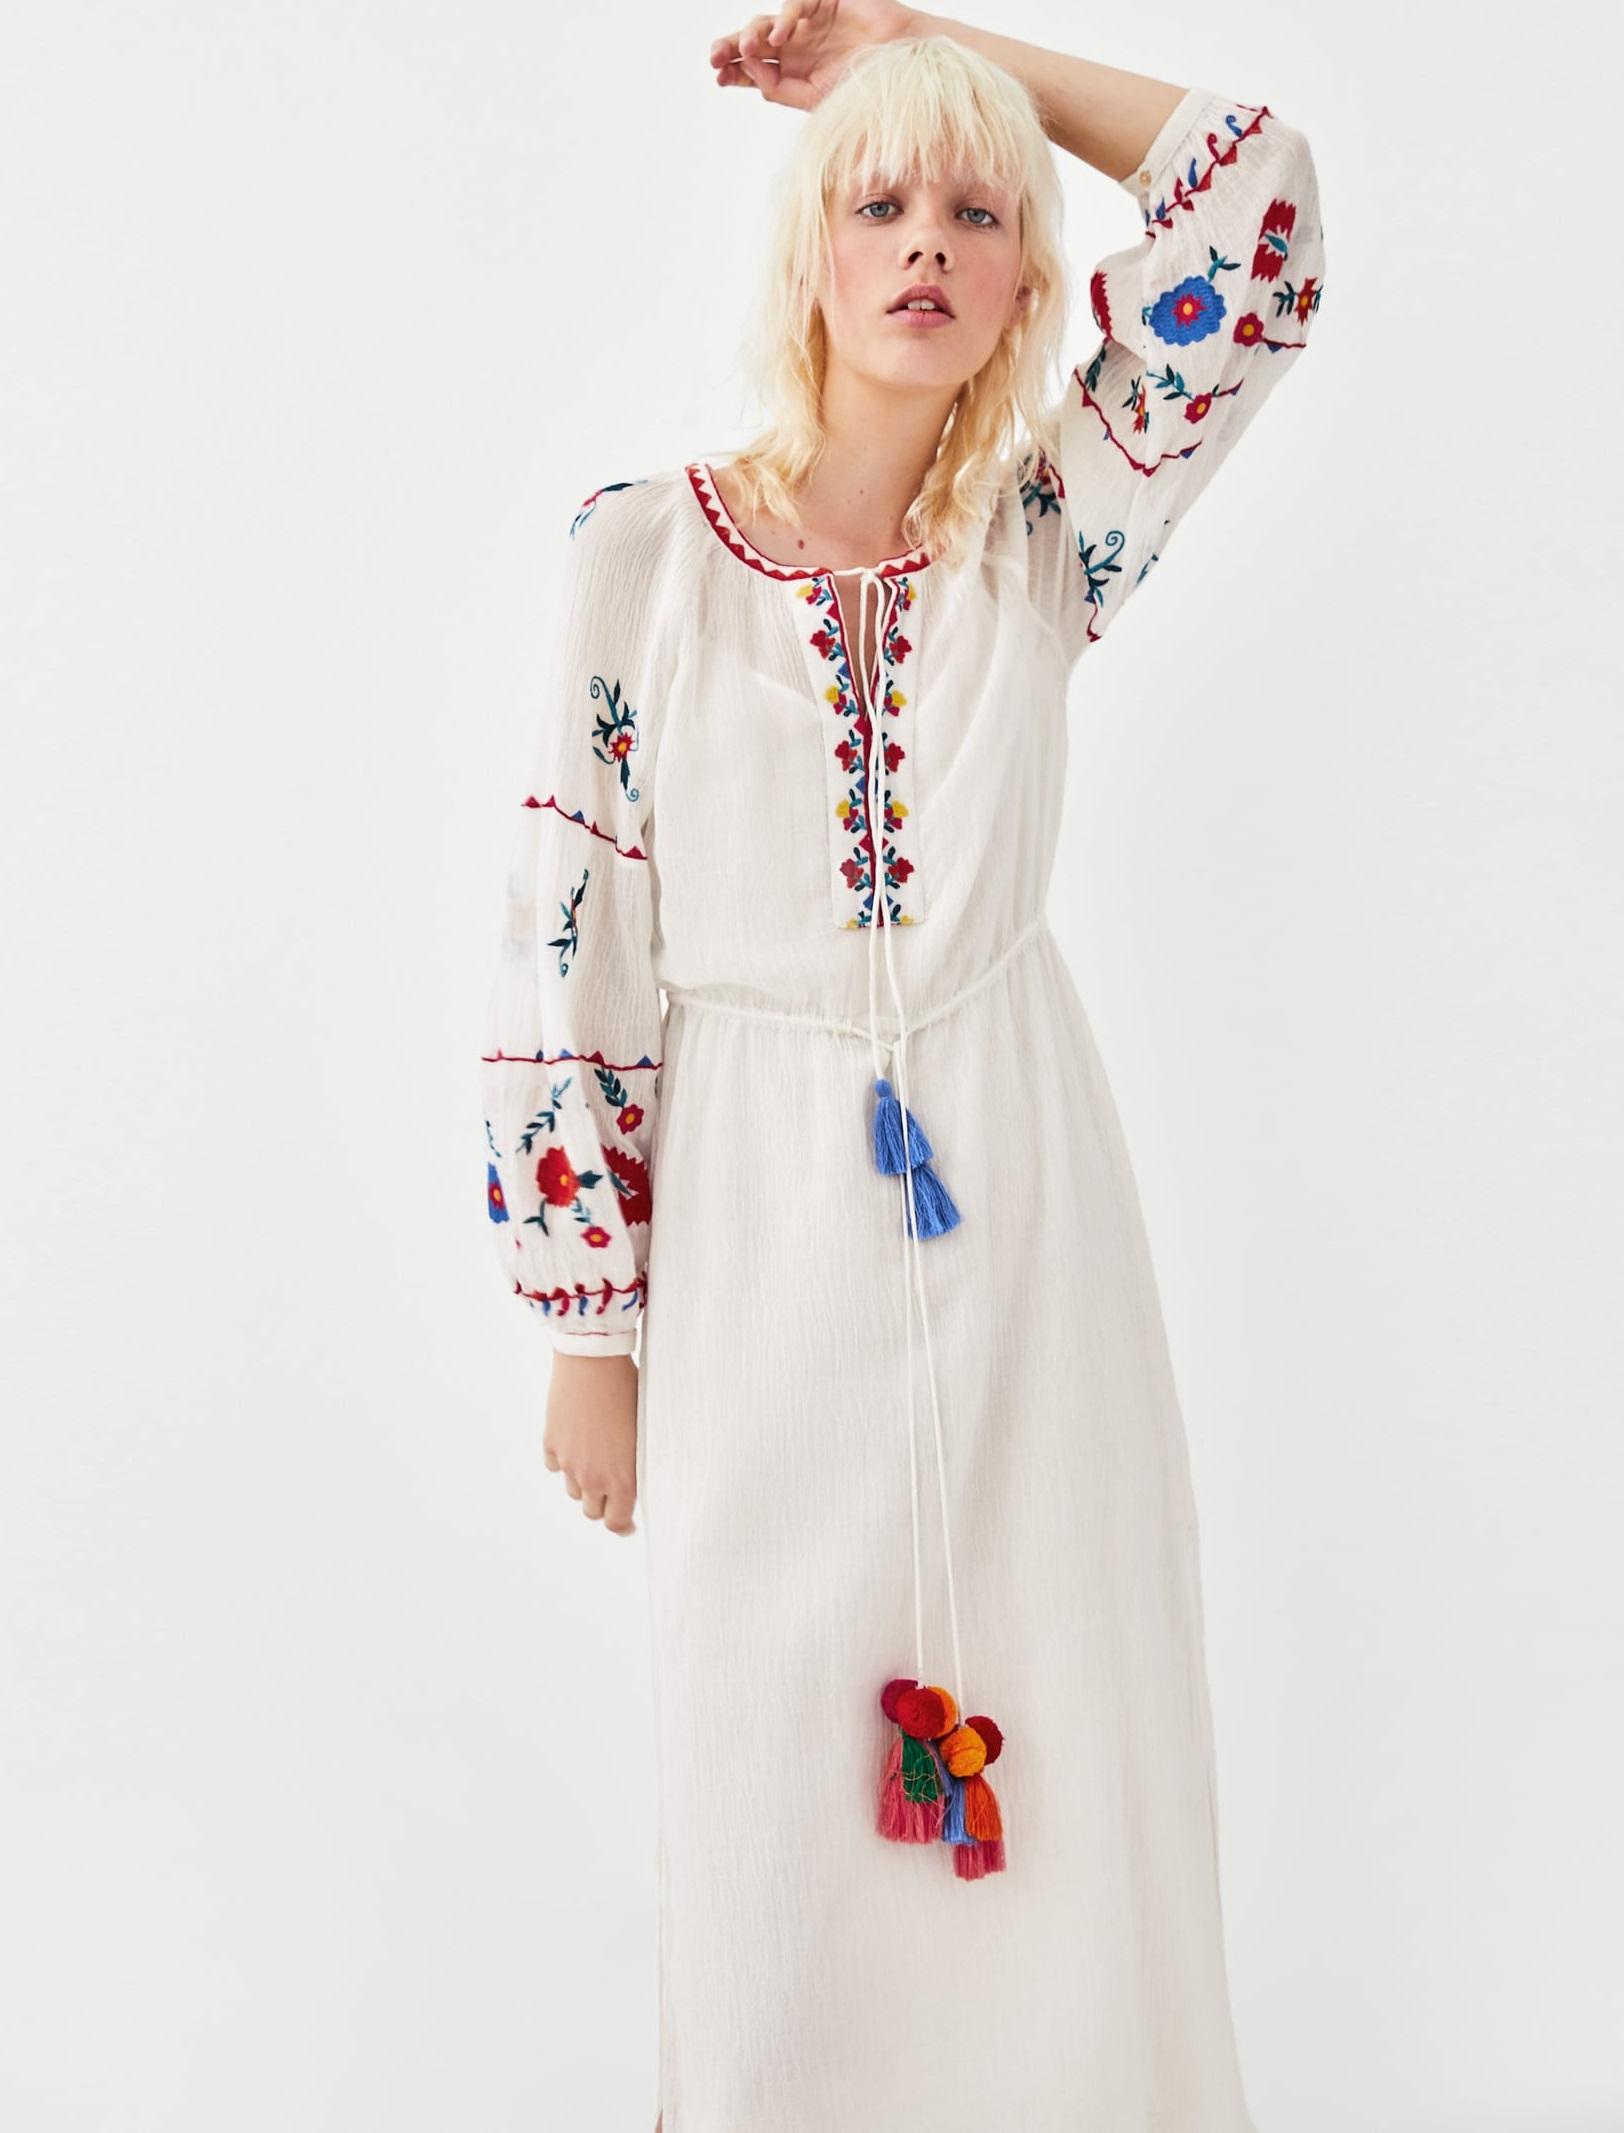 073990ab21 Luksusowa Sukienka z Haftem Pompony - ZARA Lux L - 7422520052 ...